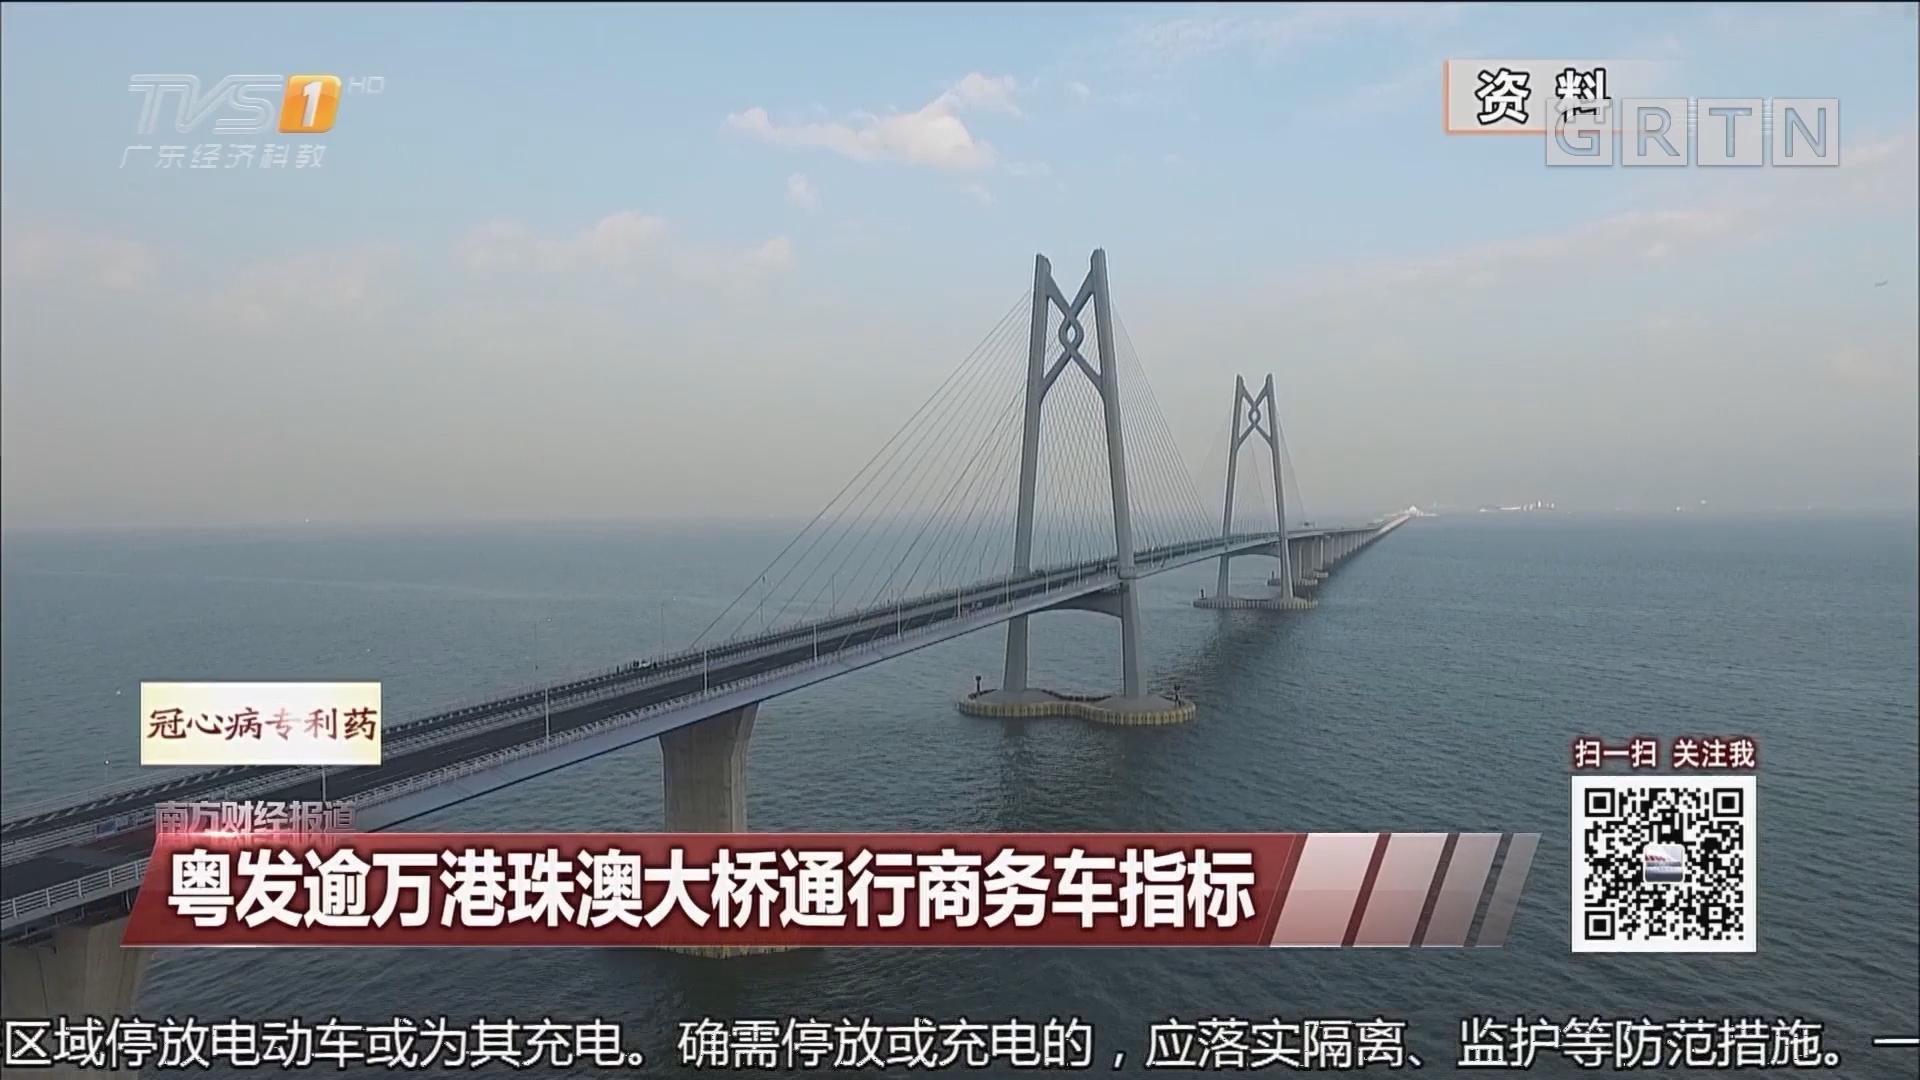 粤发逾万港珠澳大桥通行商务车指标